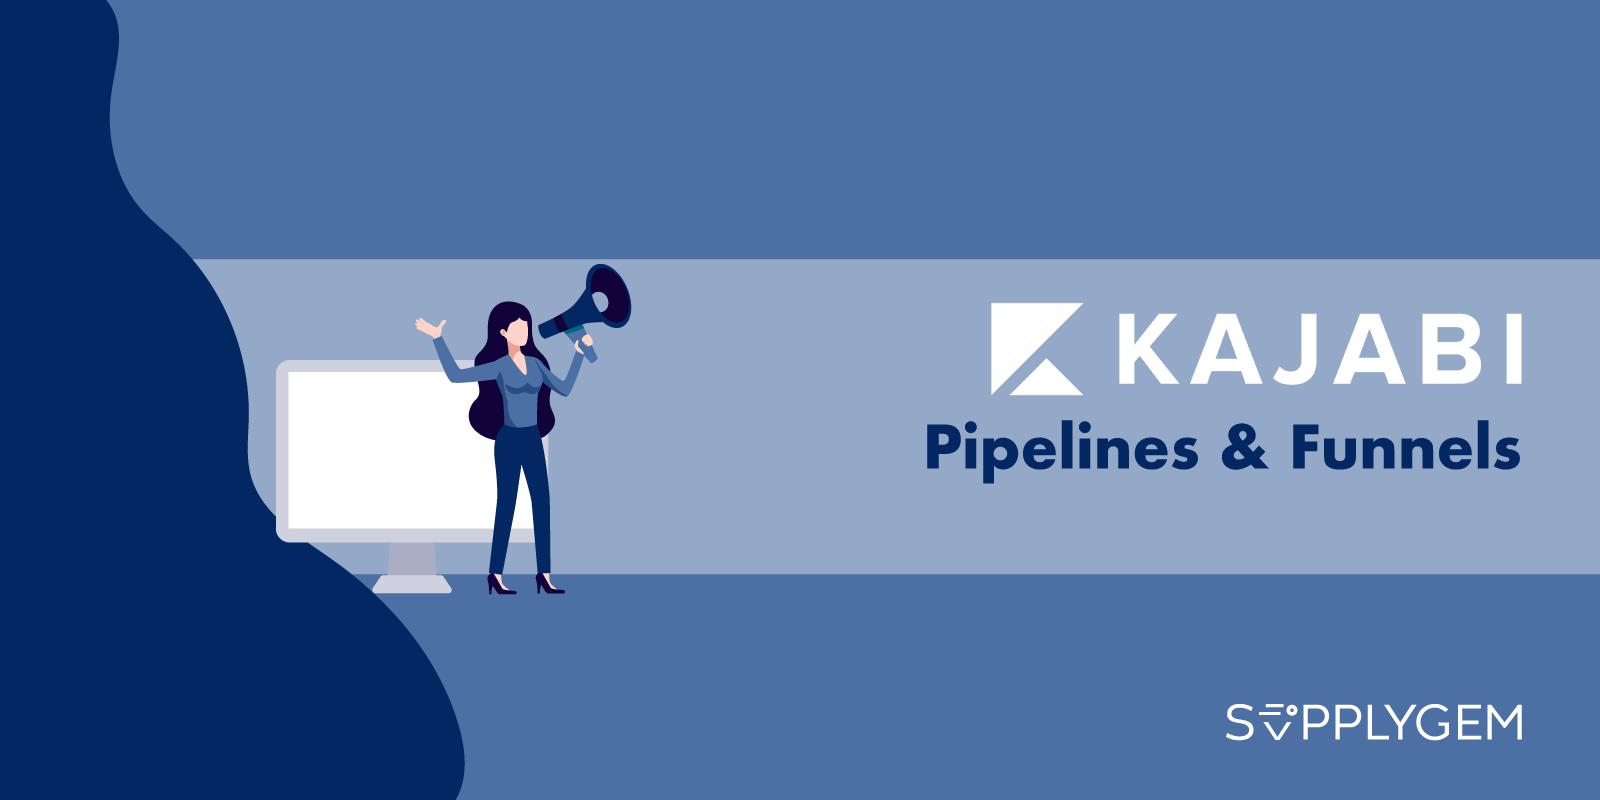 Kajabi Pipelines & Funnels